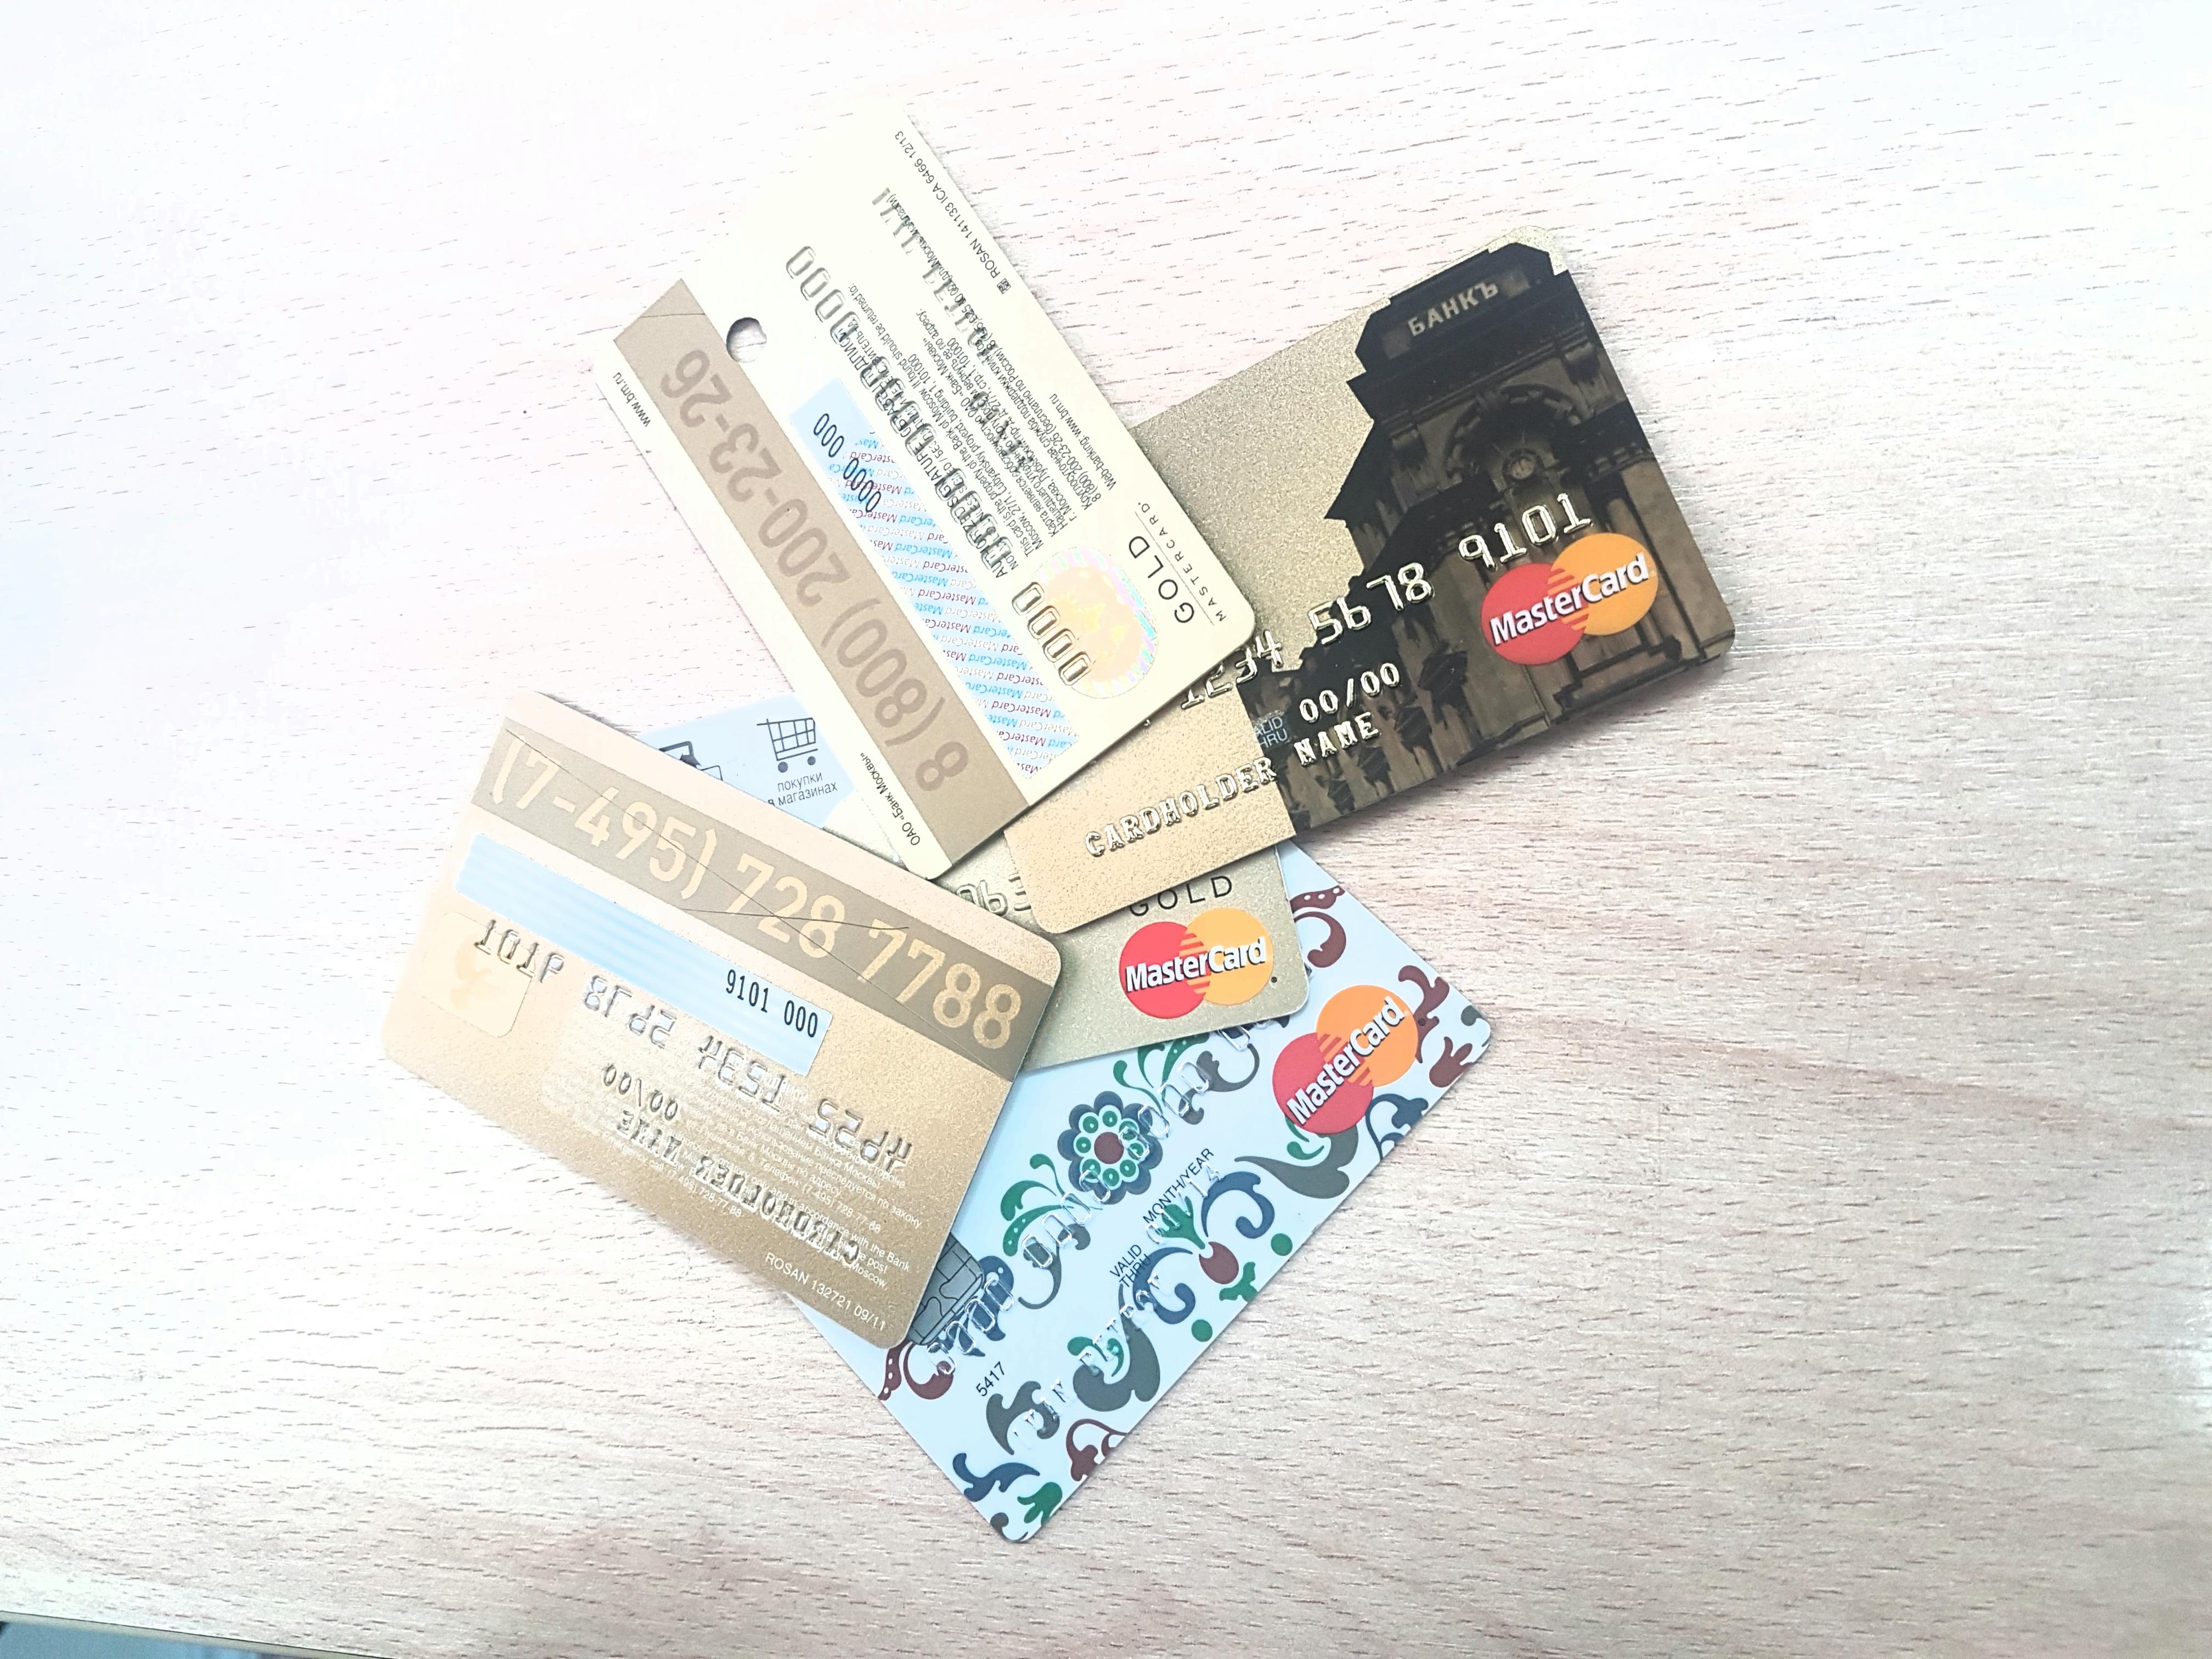 Кредитные карты с кэшбэком, кэшбэк, cash back